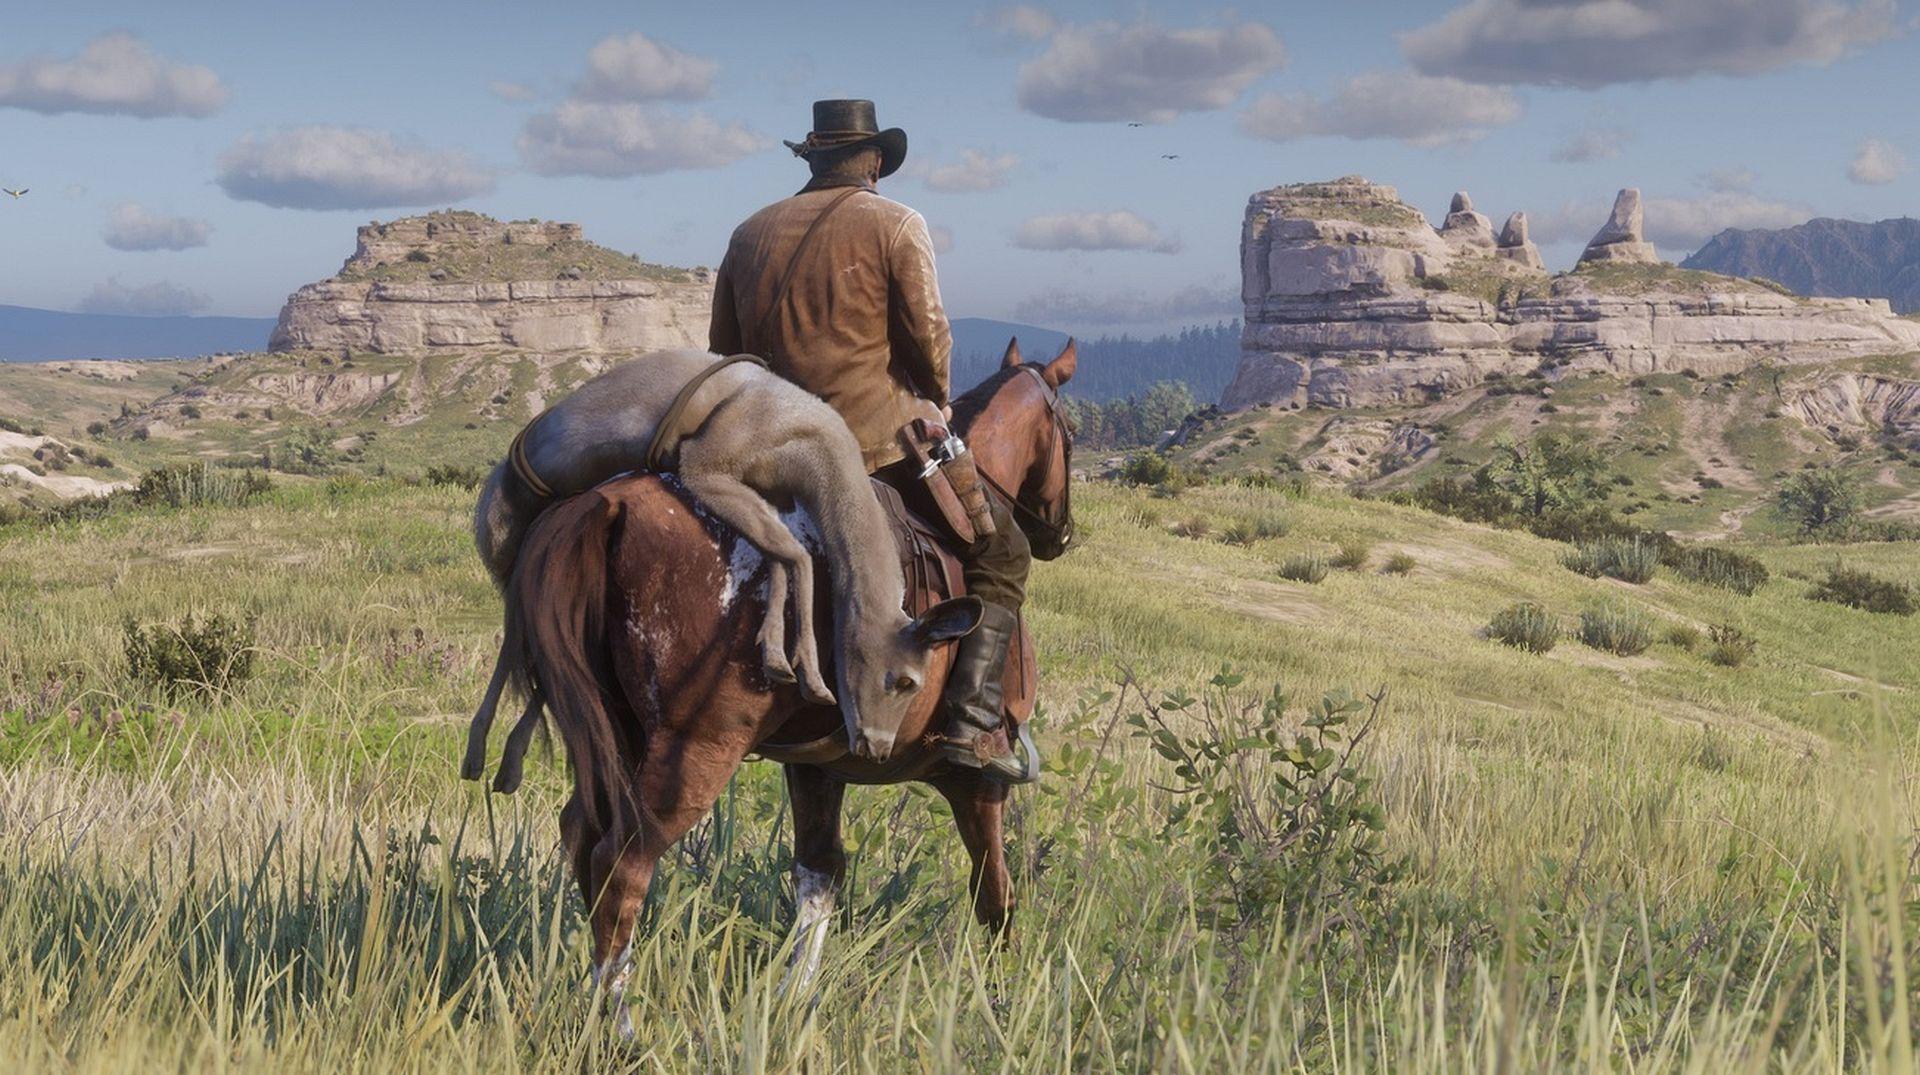 هر آن چیزی که باید در مورد اسبها در Red Dead Redemption 2 بدانید